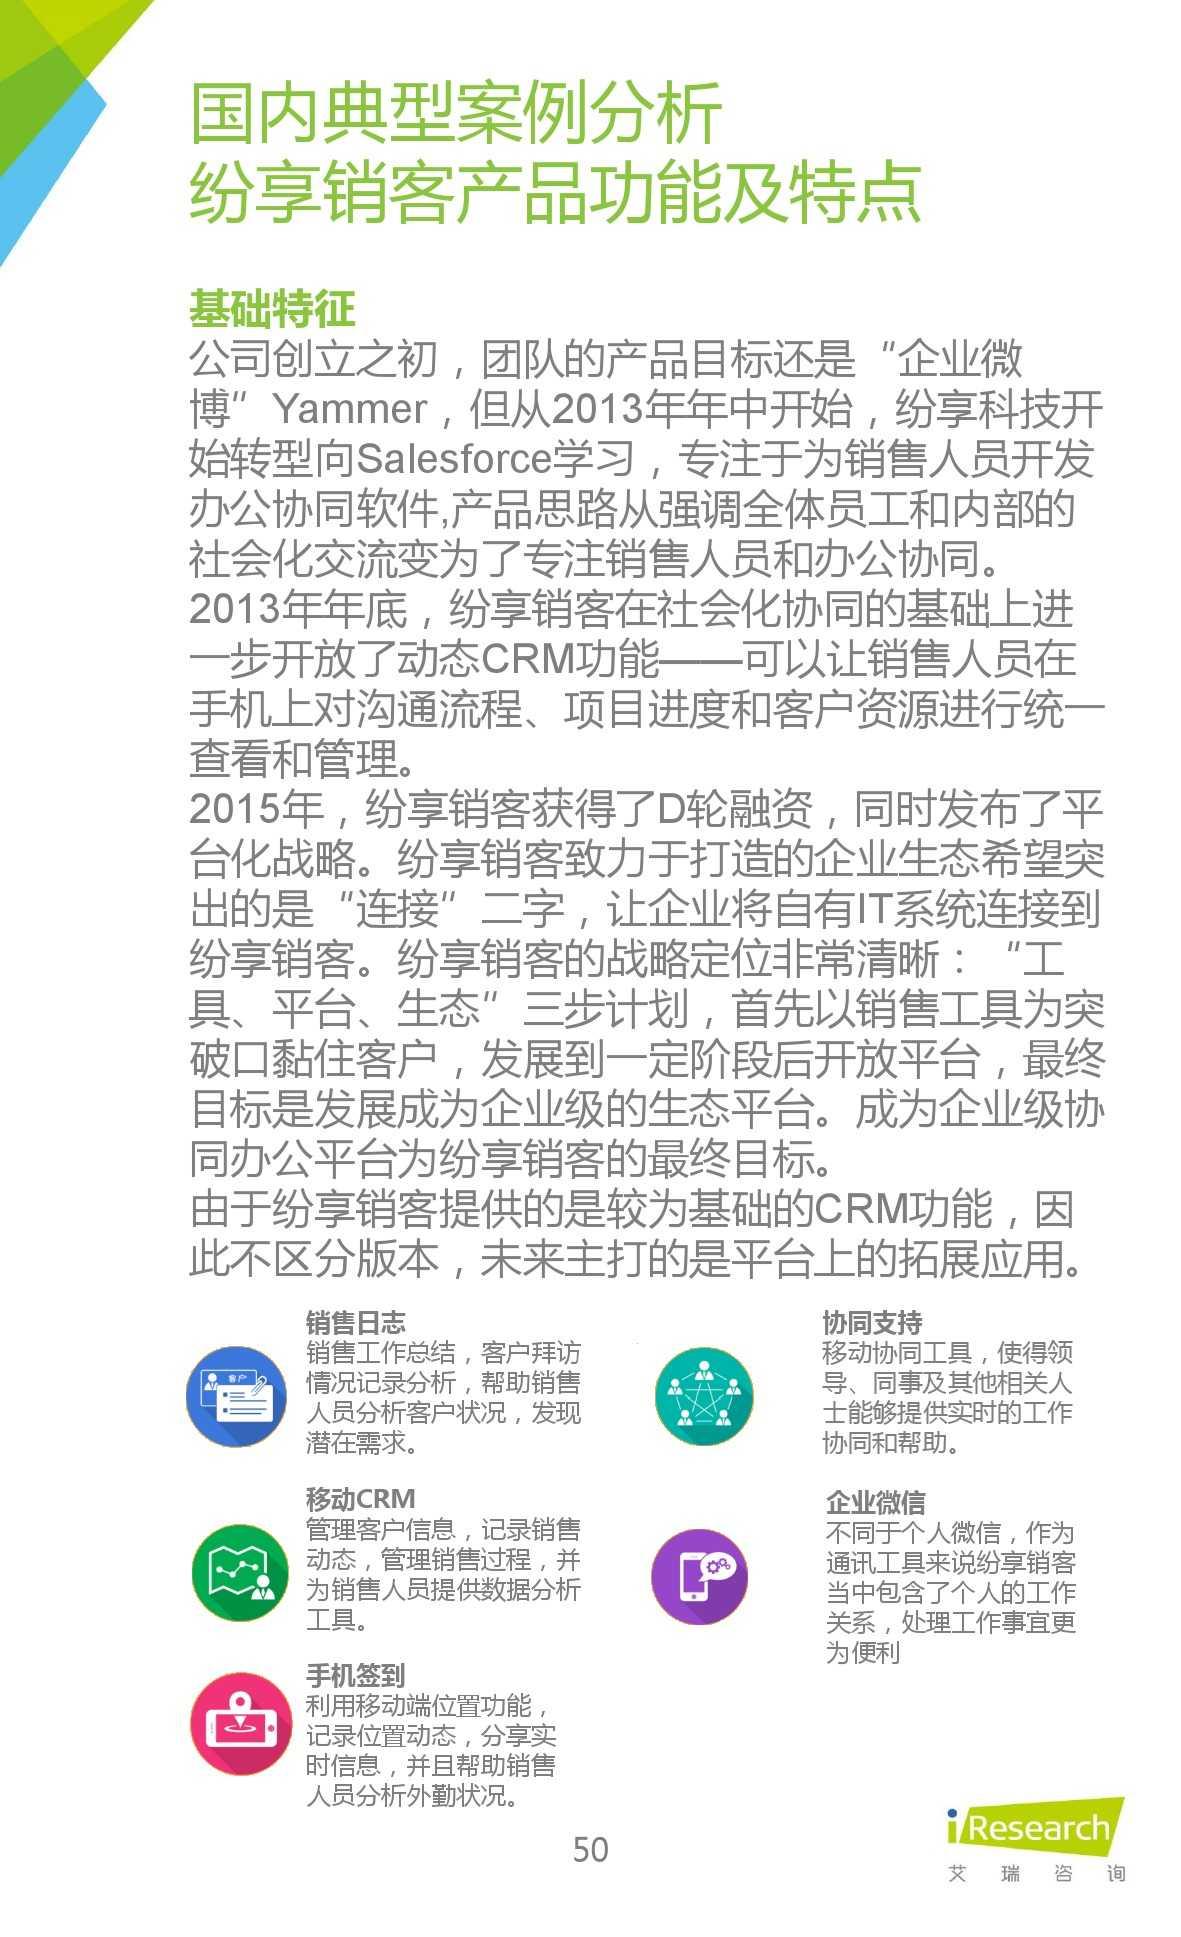 2015年中国移动销售CRM行业研究报告_000050